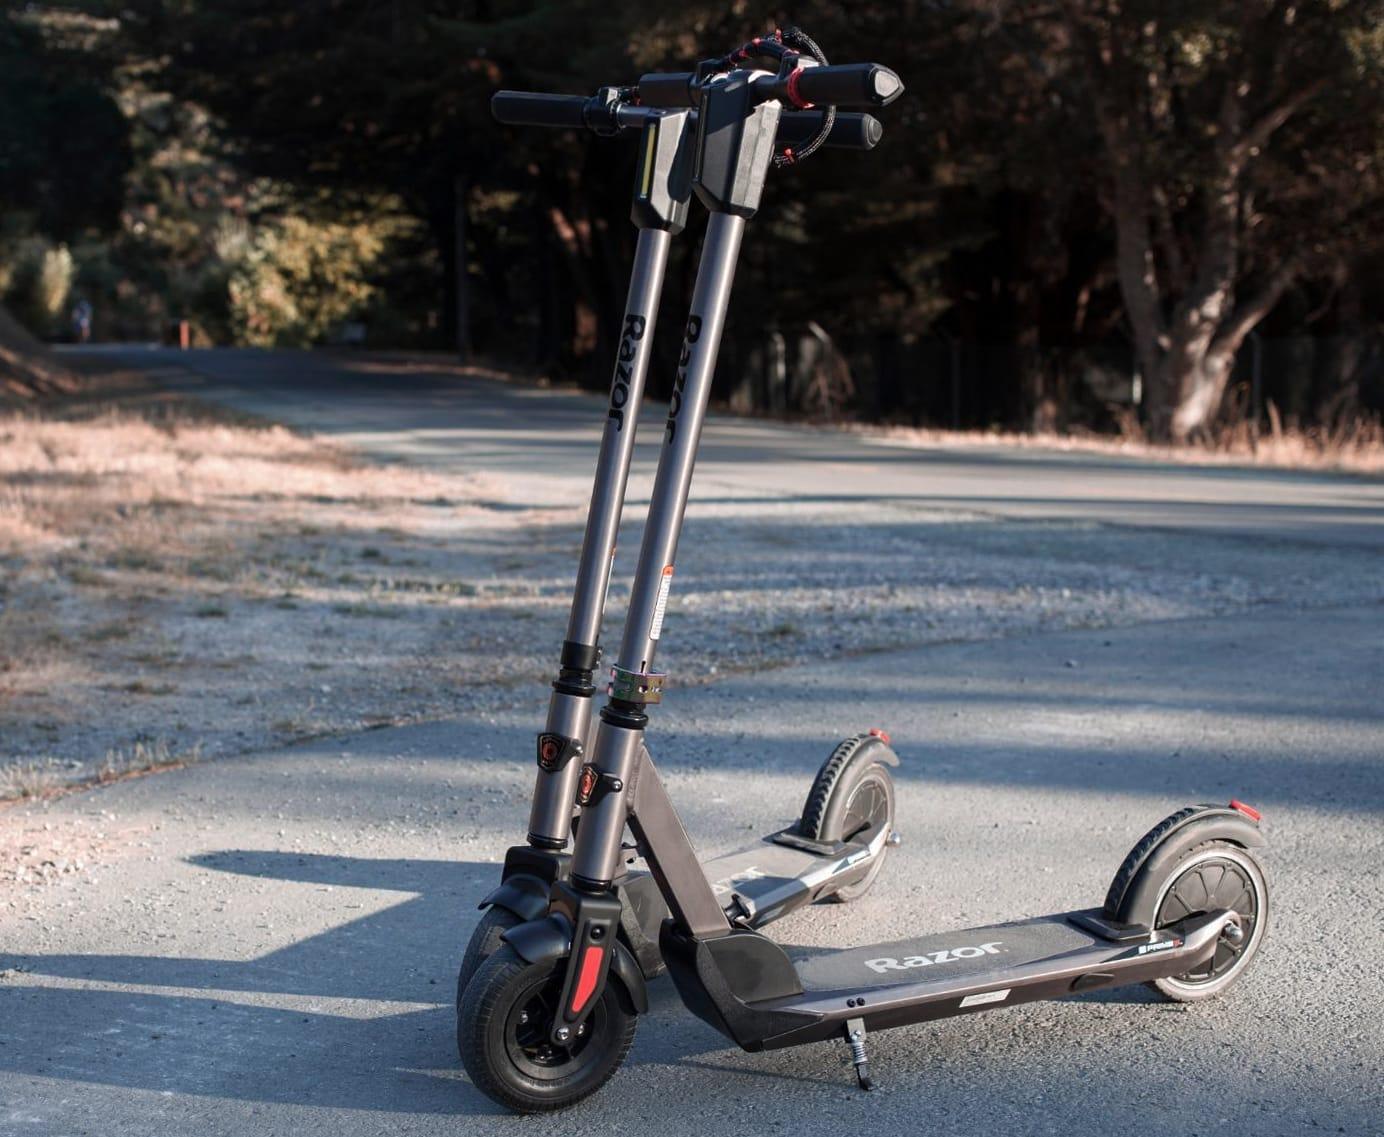 two razor e prime 3 electric scooters